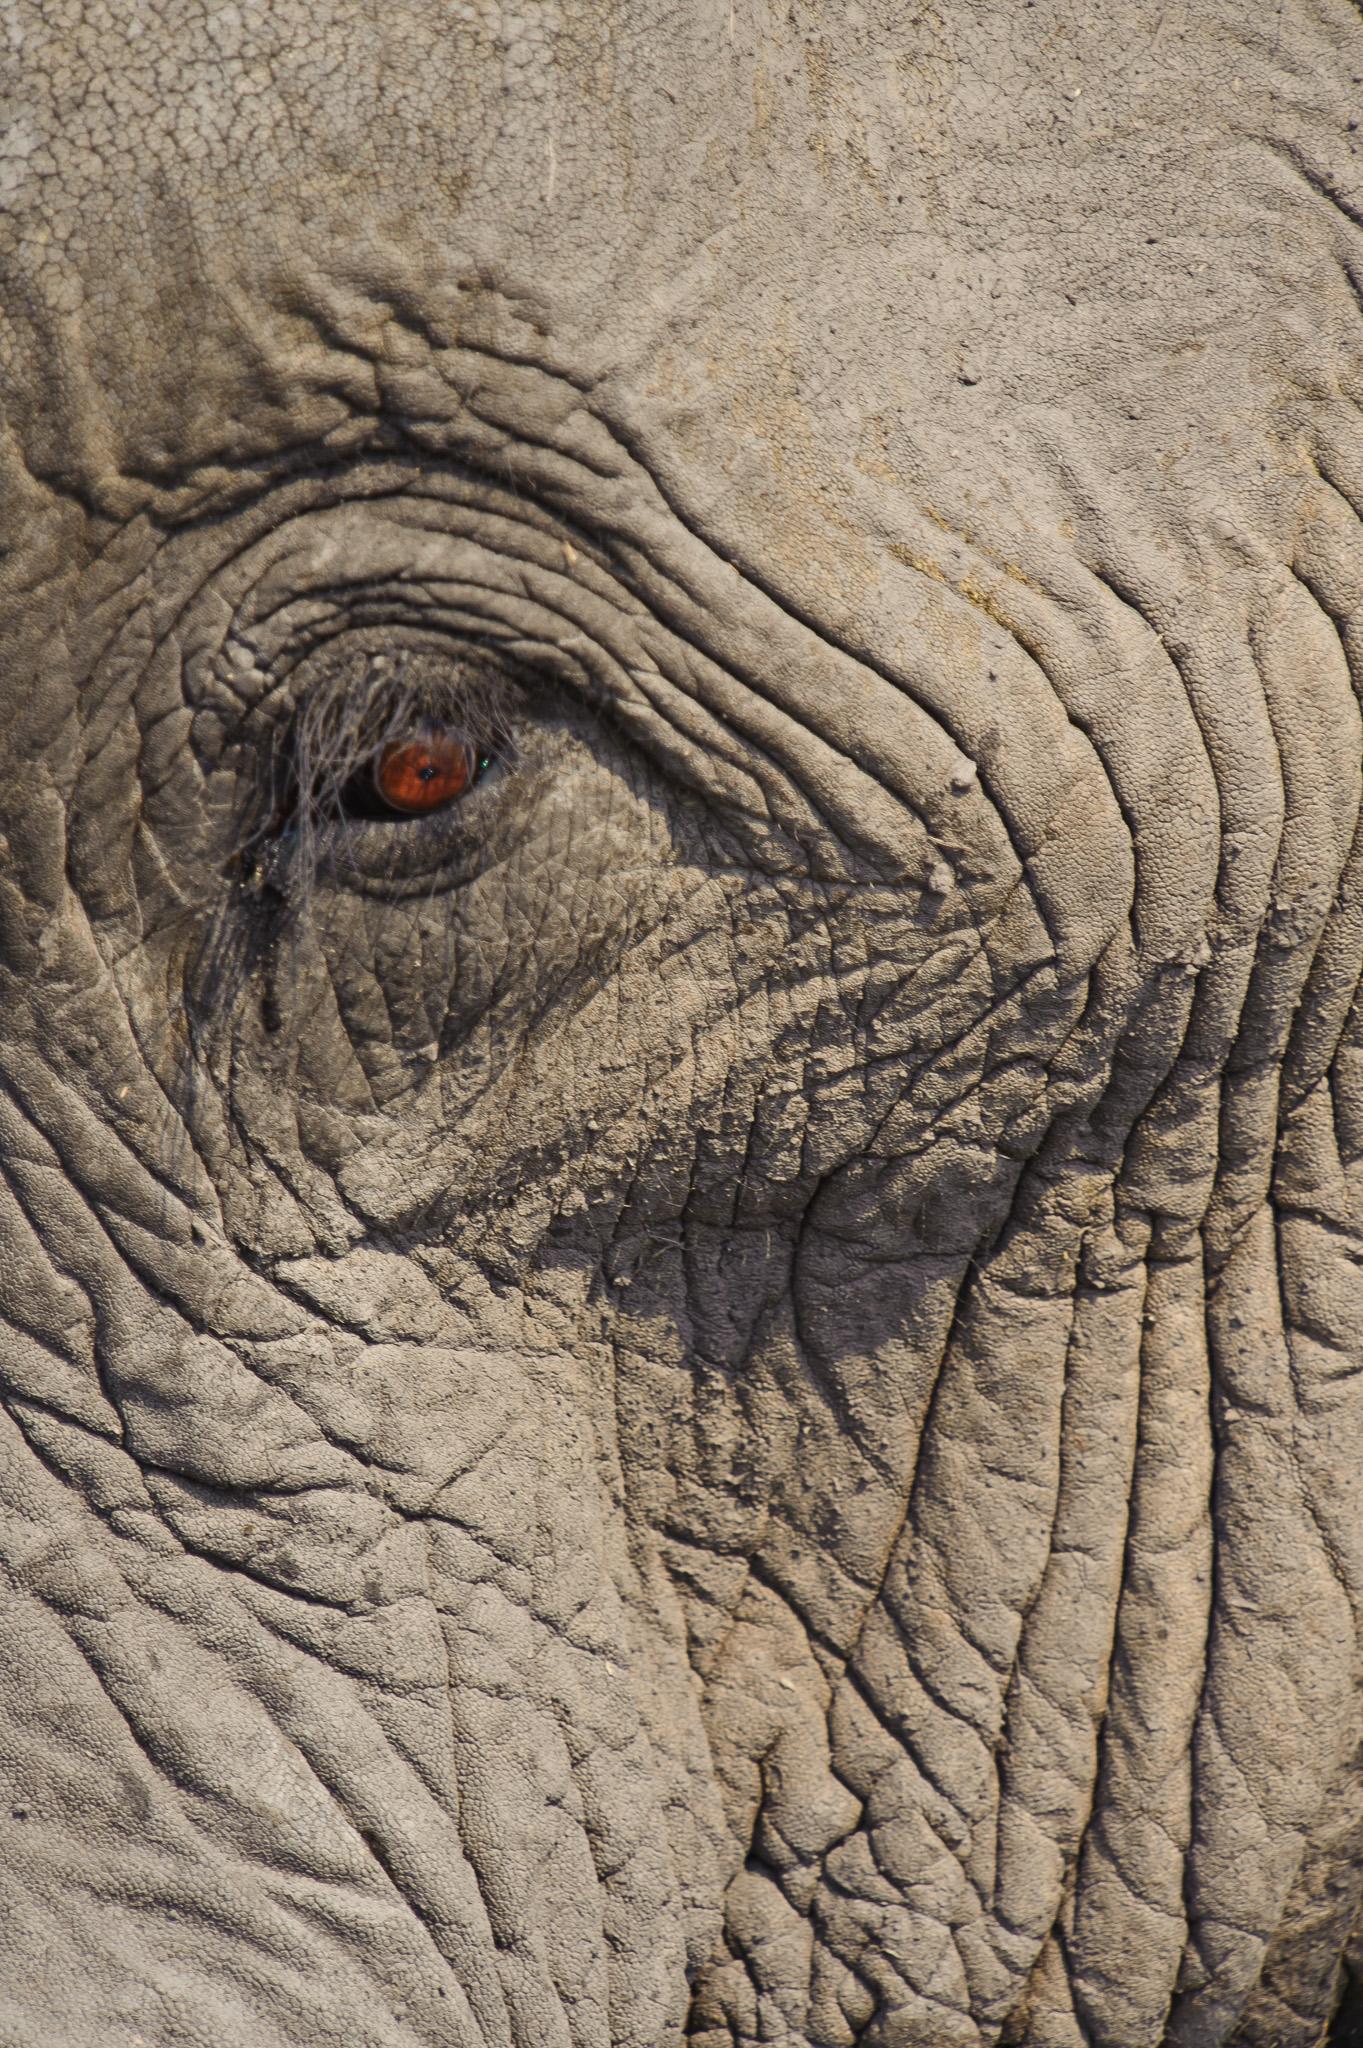 An Eye, Chobe NP, Botswana